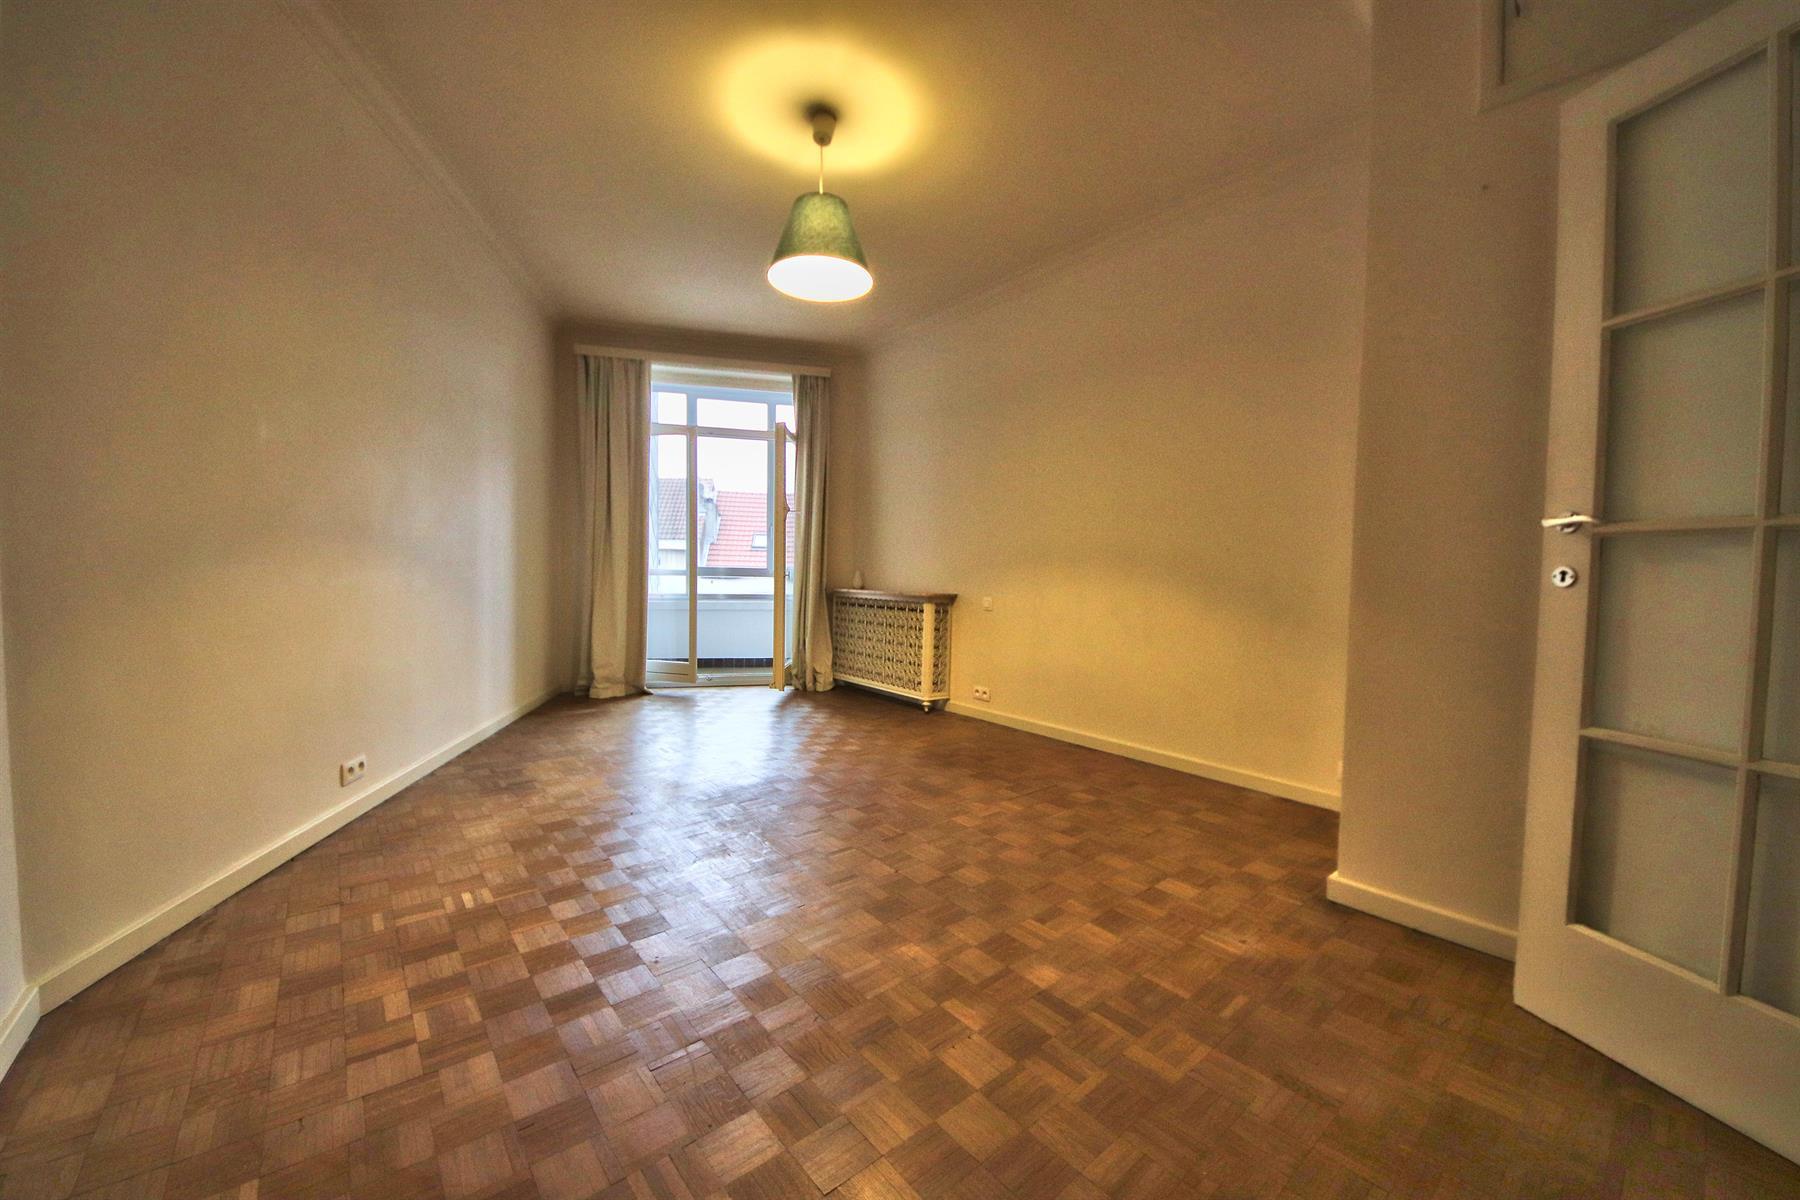 Appartement - Etterbeek - #4256824-6